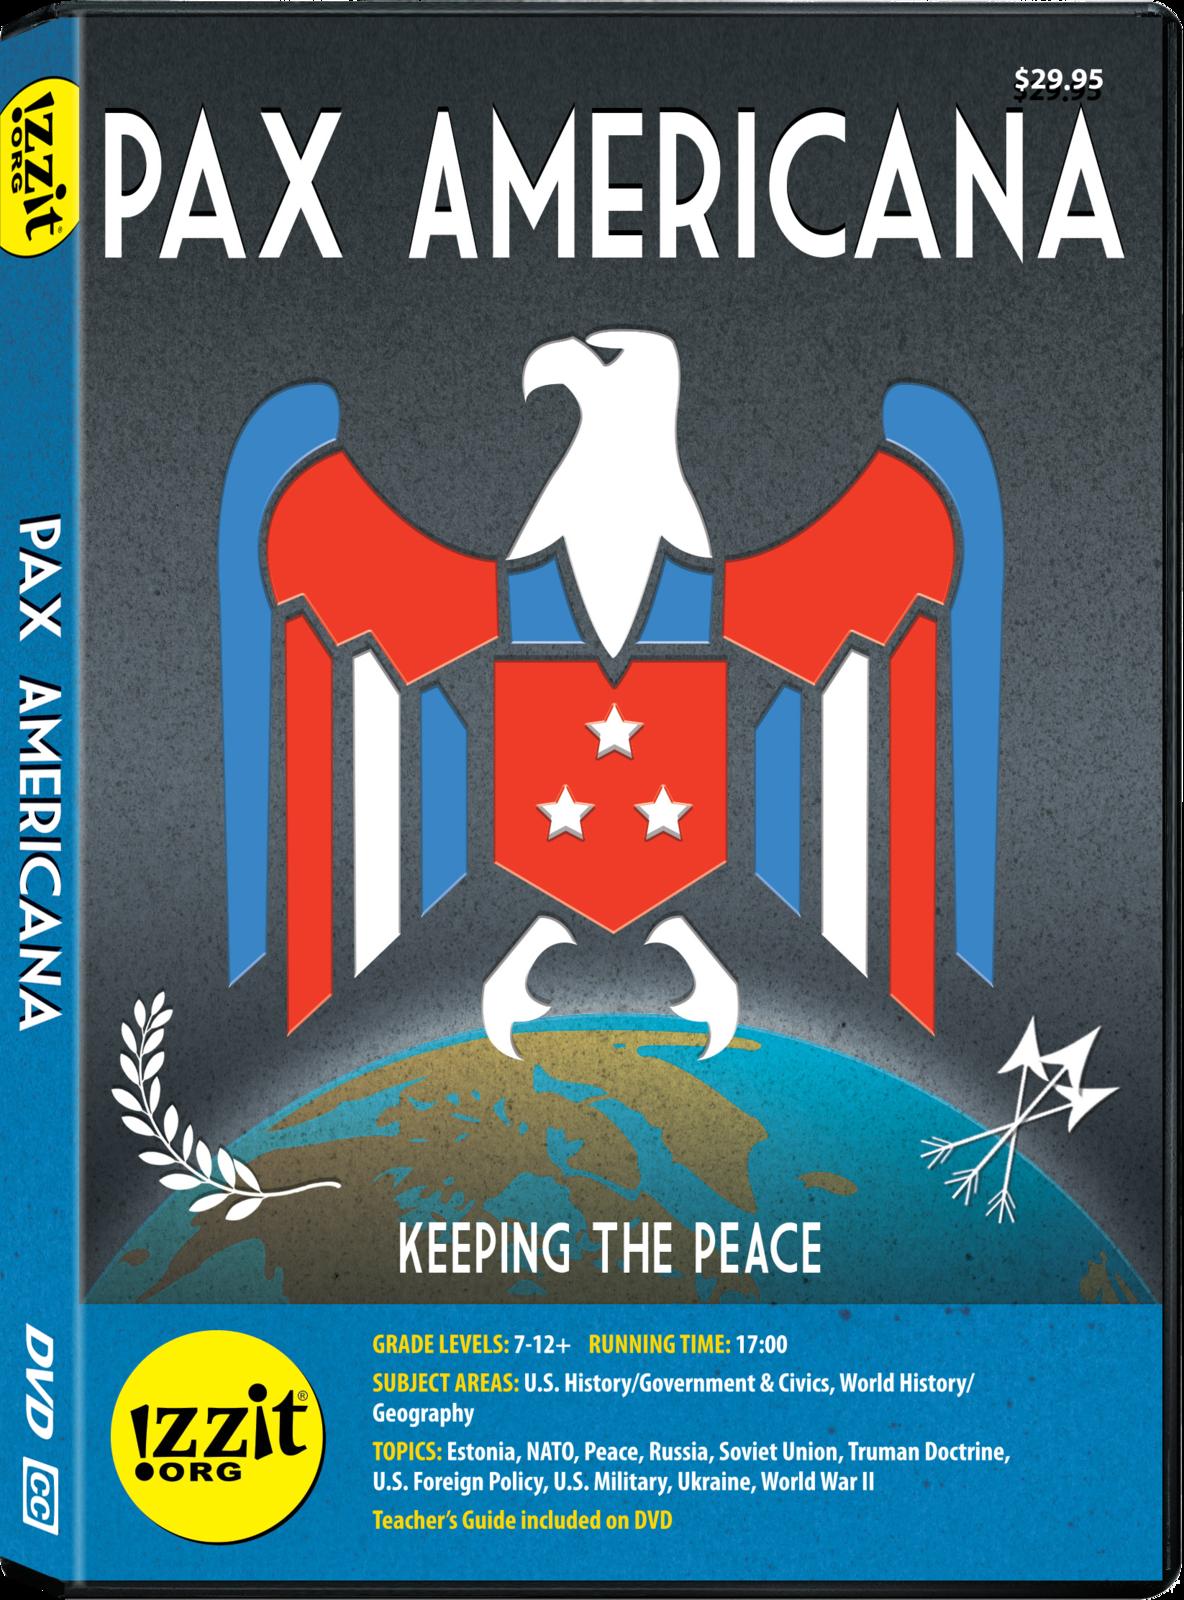 Pax americana largebox